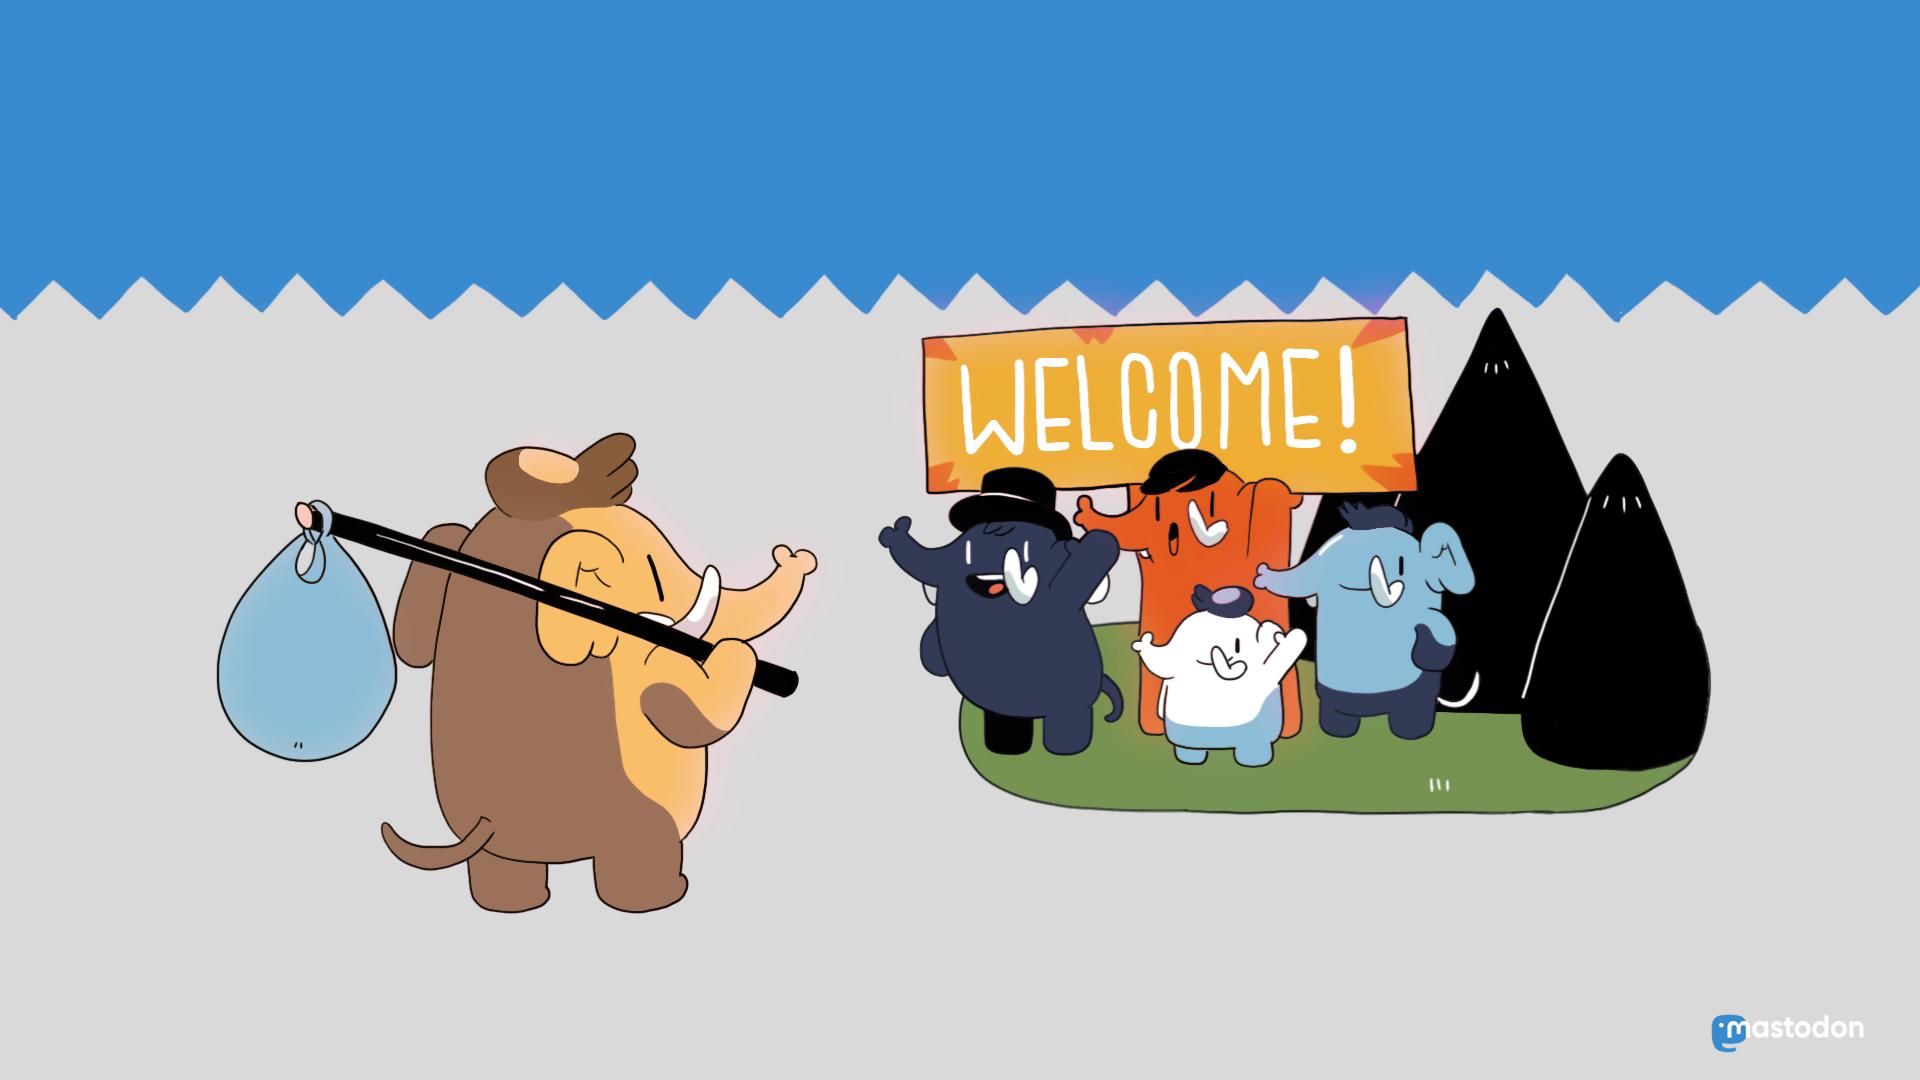 """Grafik """"Mastodon welcome"""" - Ein Mammut wird von einer Gruppe Mammuts begrüsst"""